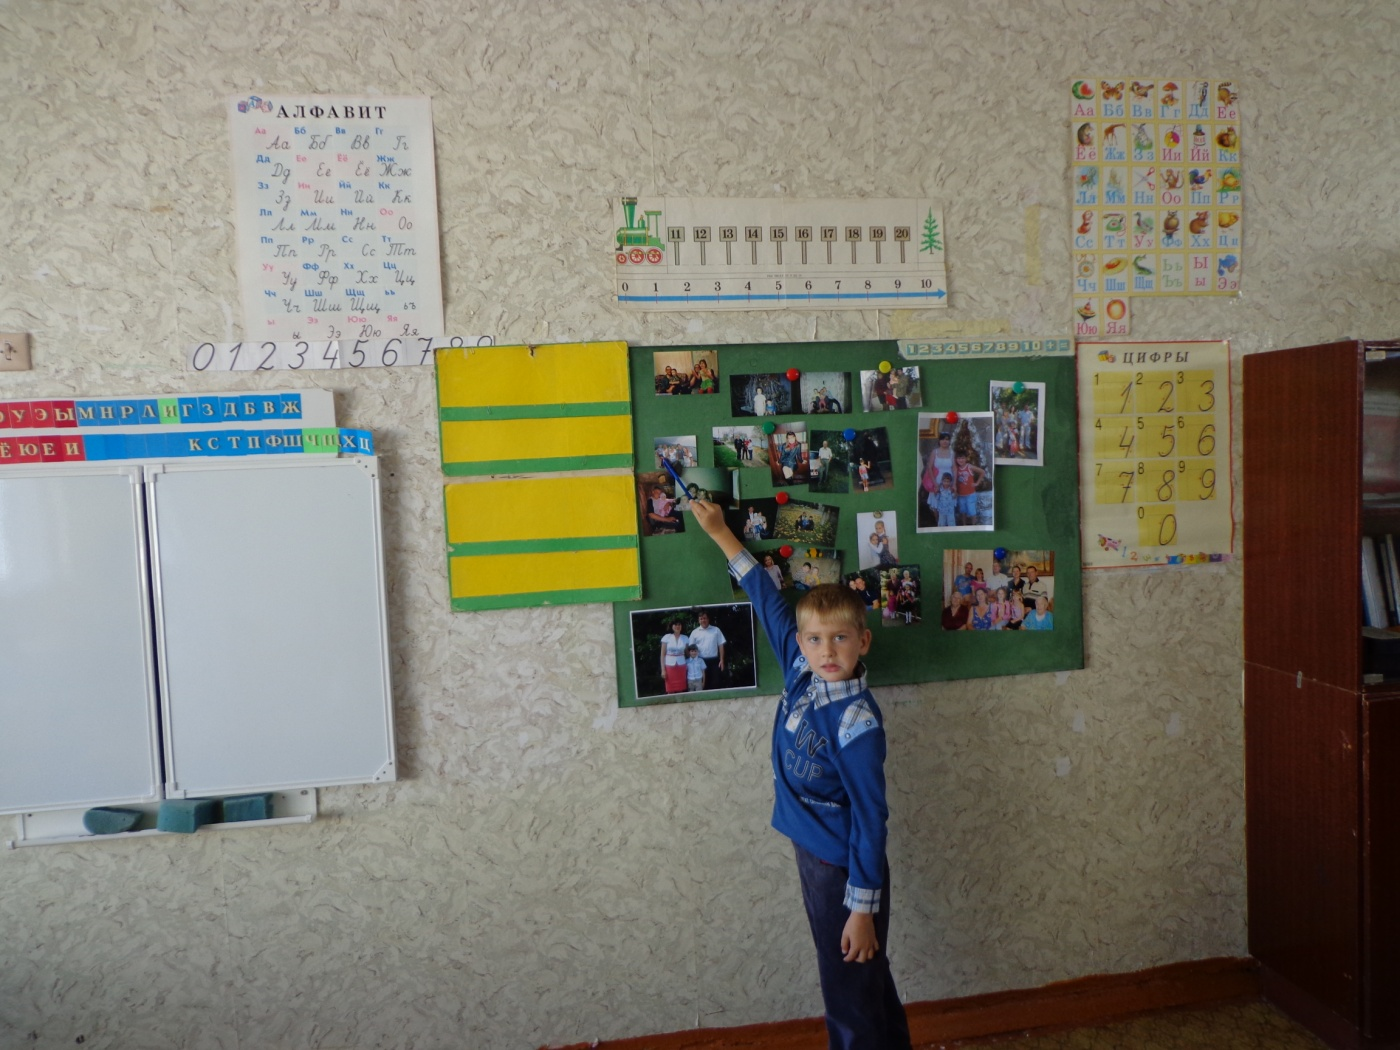 C:\Users\NecroS\Мама\по внеурочке Коротченко\занятия 1-2кл\фото с занятия Моя семья\DSC00063.JPG